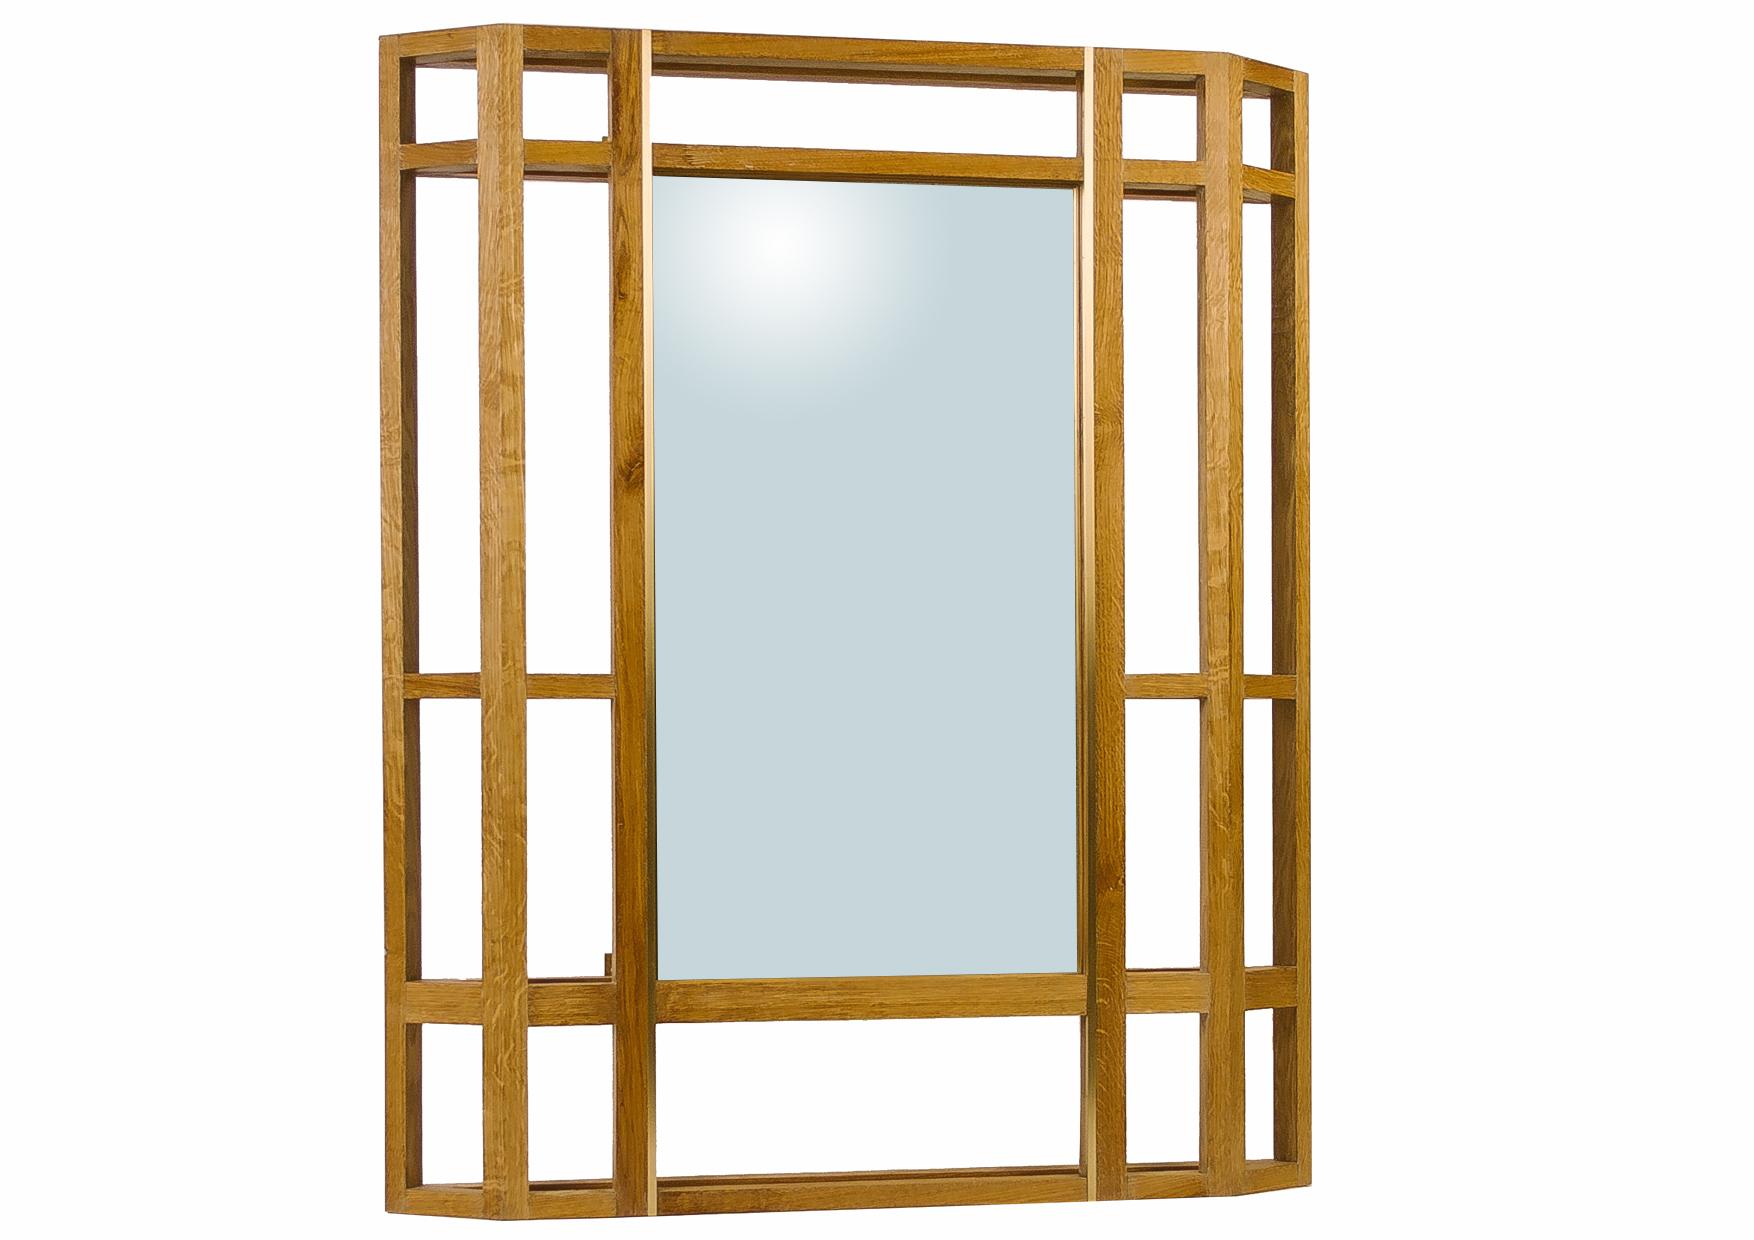 Зеркало Wallout ZeppelinНастенные зеркала<br>Зеркало из массива дуба, с элементами из массива латуни. Конструкция рамки зеркала объемная, она значительно выступает из стены, и при правильном расположении бросает красивые тени на комнату.&amp;amp;nbsp;<br><br>Material: Дуб<br>Width см: 110<br>Depth см: 10<br>Height см: 135